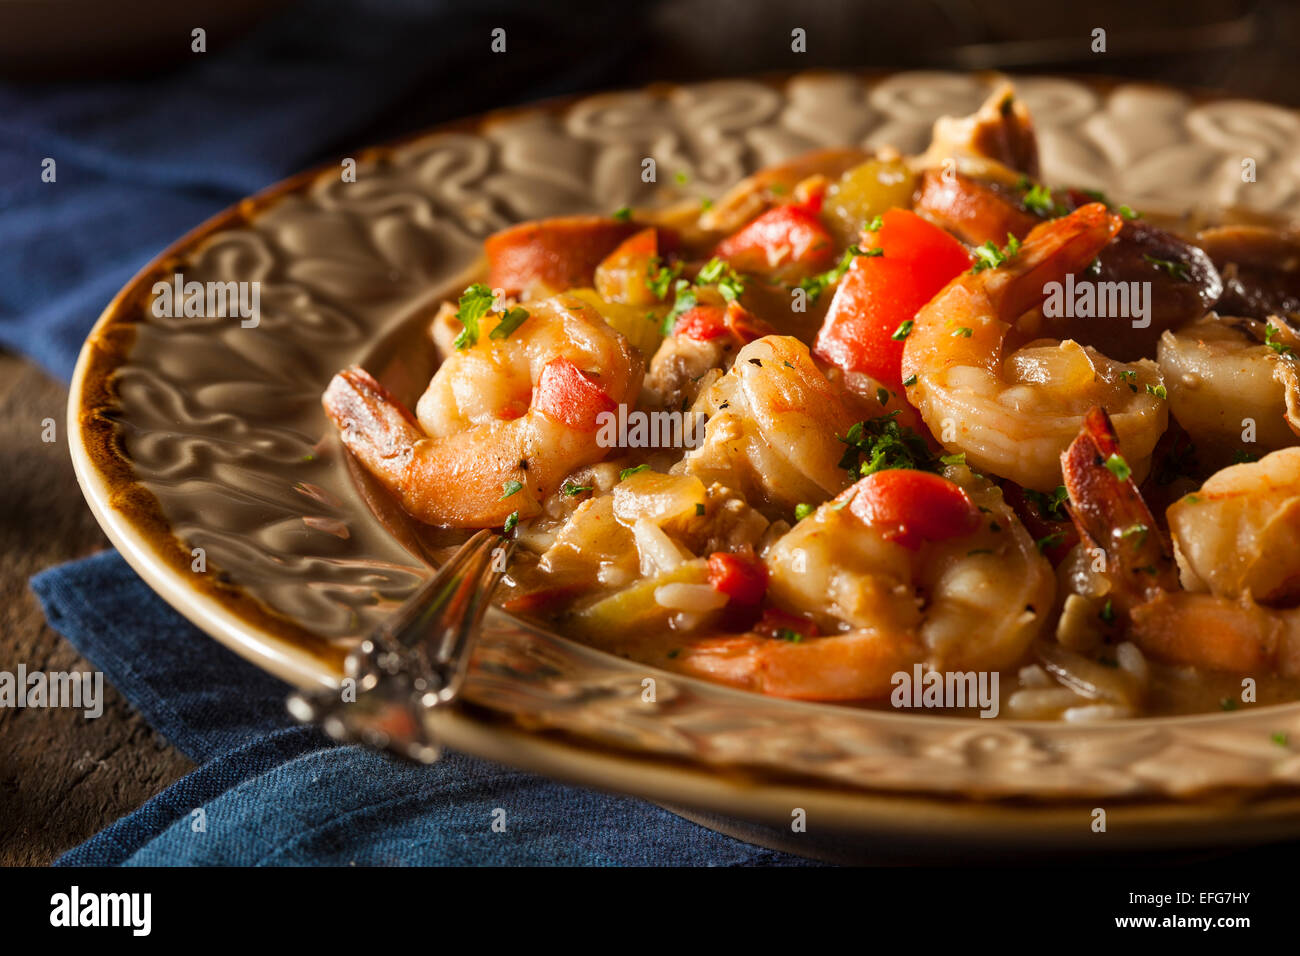 Homemade Shrimp and Sausage Cajun Gumbo Over Rice - Stock Image